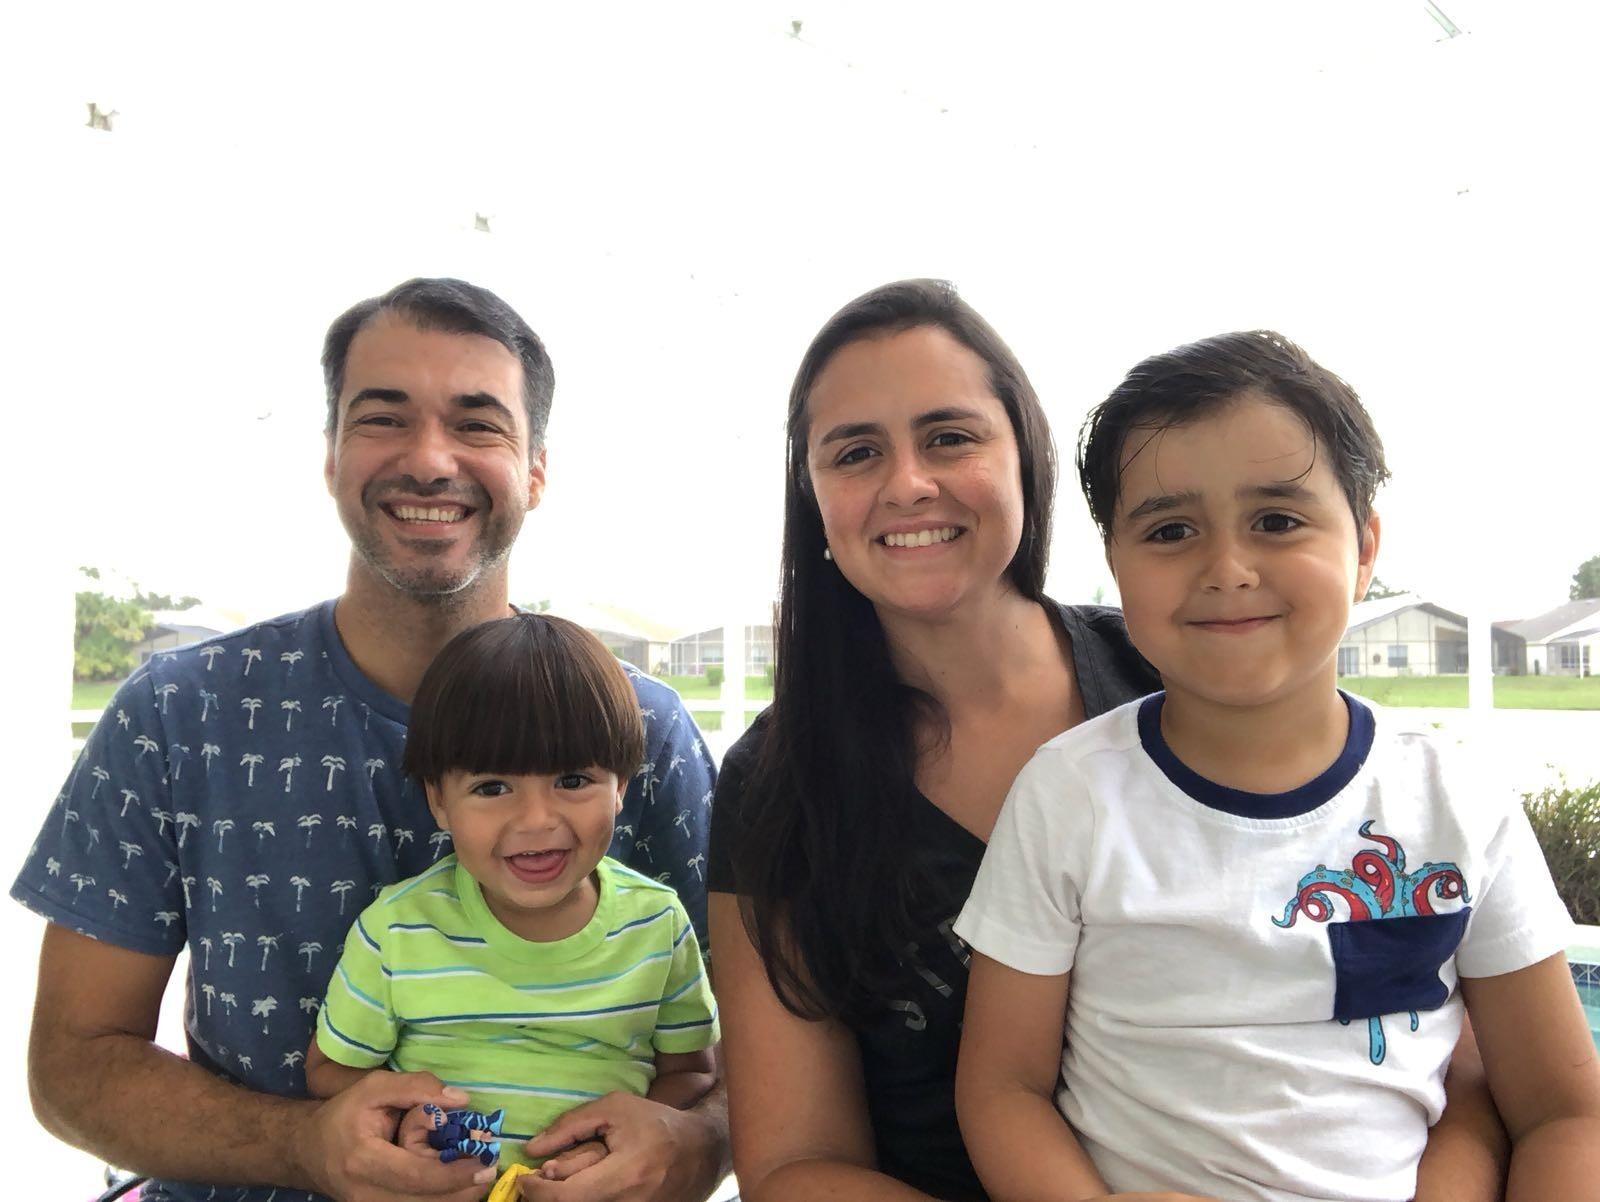 Carioca que mora na Carolina do Sul e está na Fl³rida dividindo casa outras 3 famlias elogia organiza§£o americana que facilita a sada da regi£o